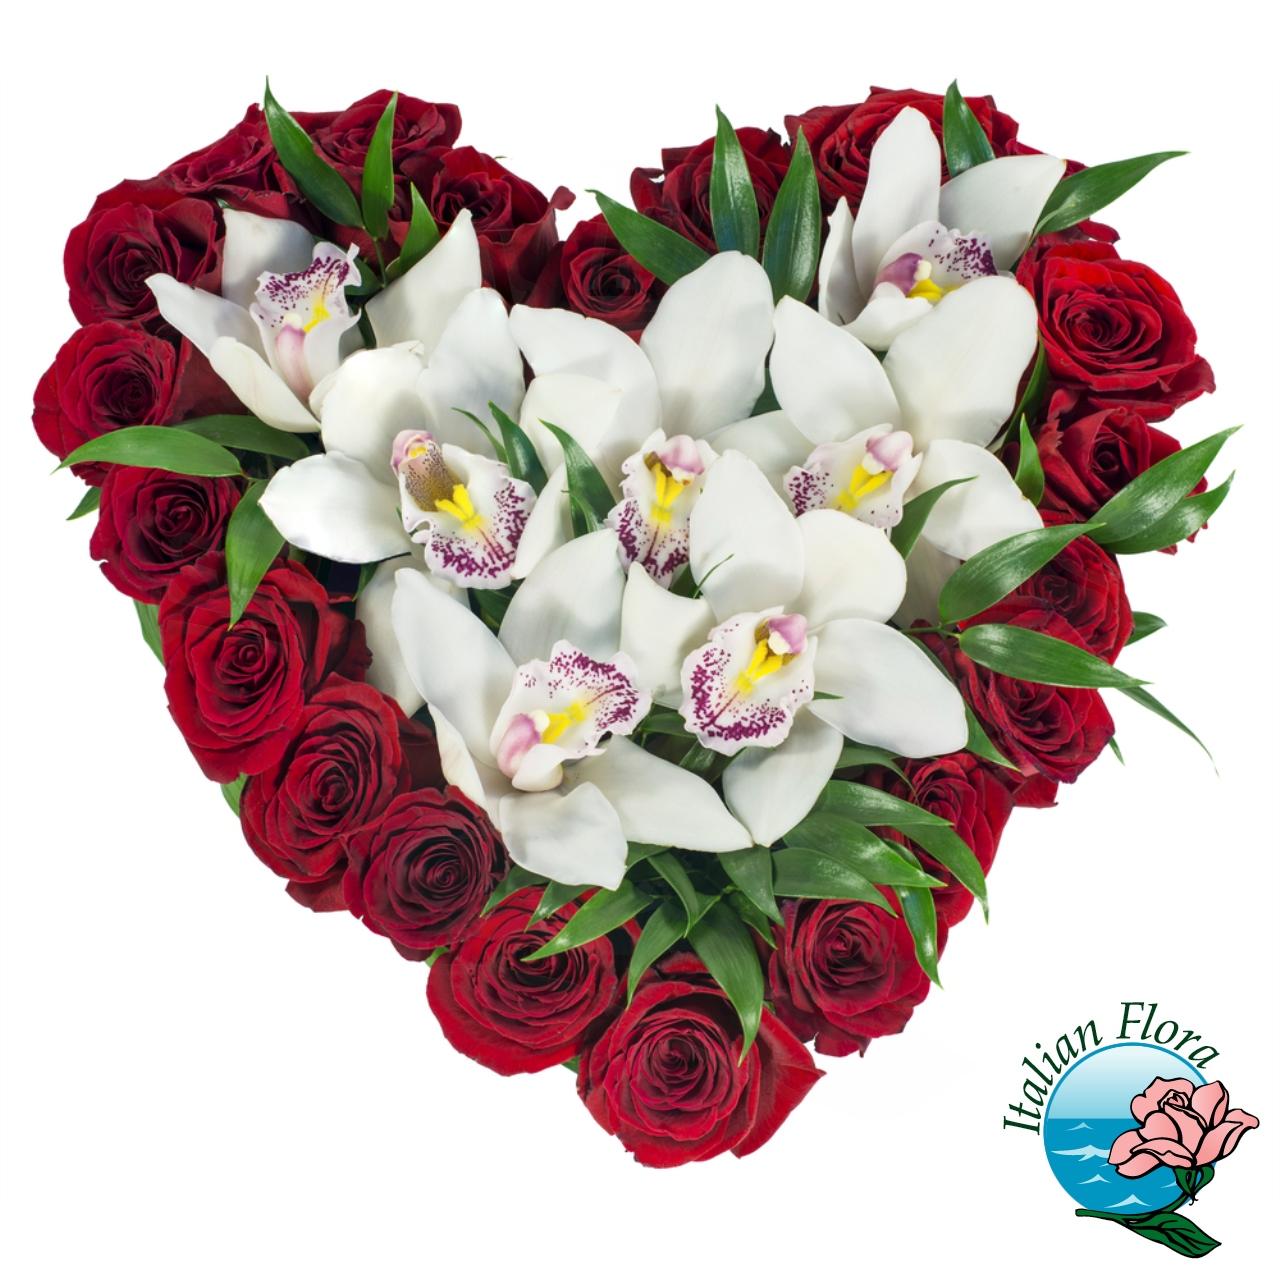 Mazzo Di Fiori A Forma Di Cuore.Composizione Floreale A Forma Di Cuore Con Rose E Orchidee